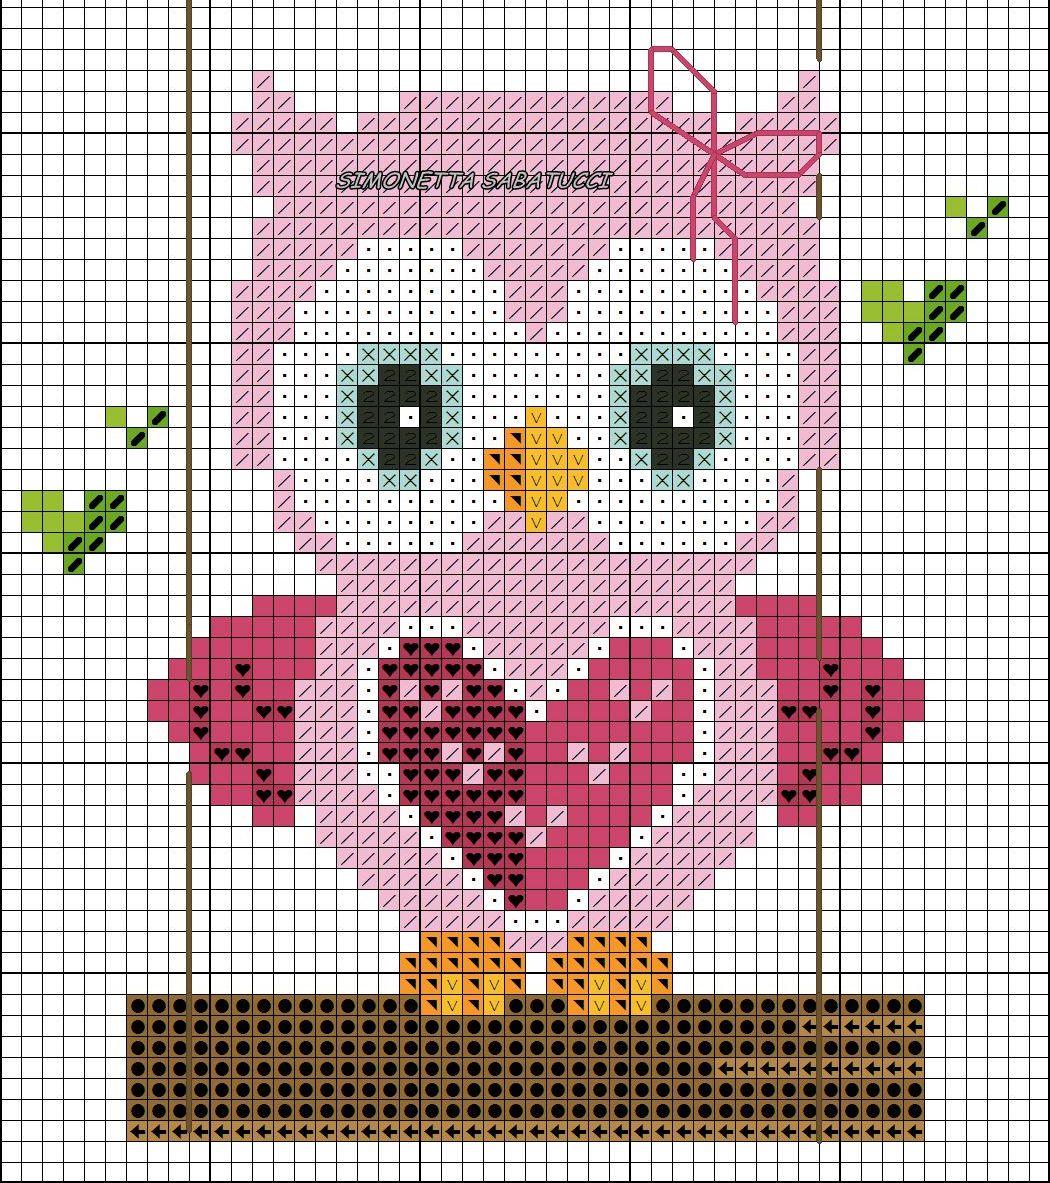 Amigurumi schemi gratis | Uncinetto, Animali fatti all'uncinetto e ... | 1183x1050